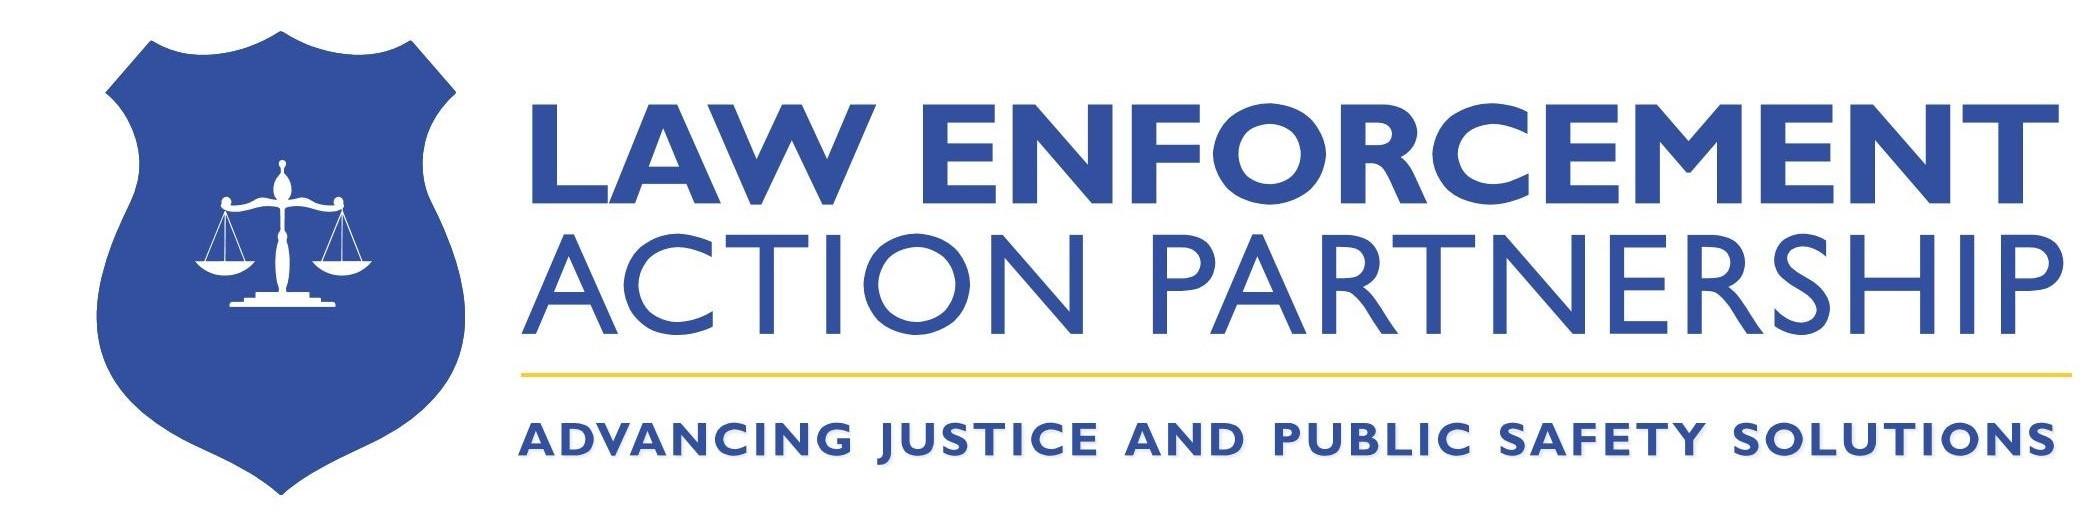 Law Enforcement Action Partnership (LEAP) | LinkedIn